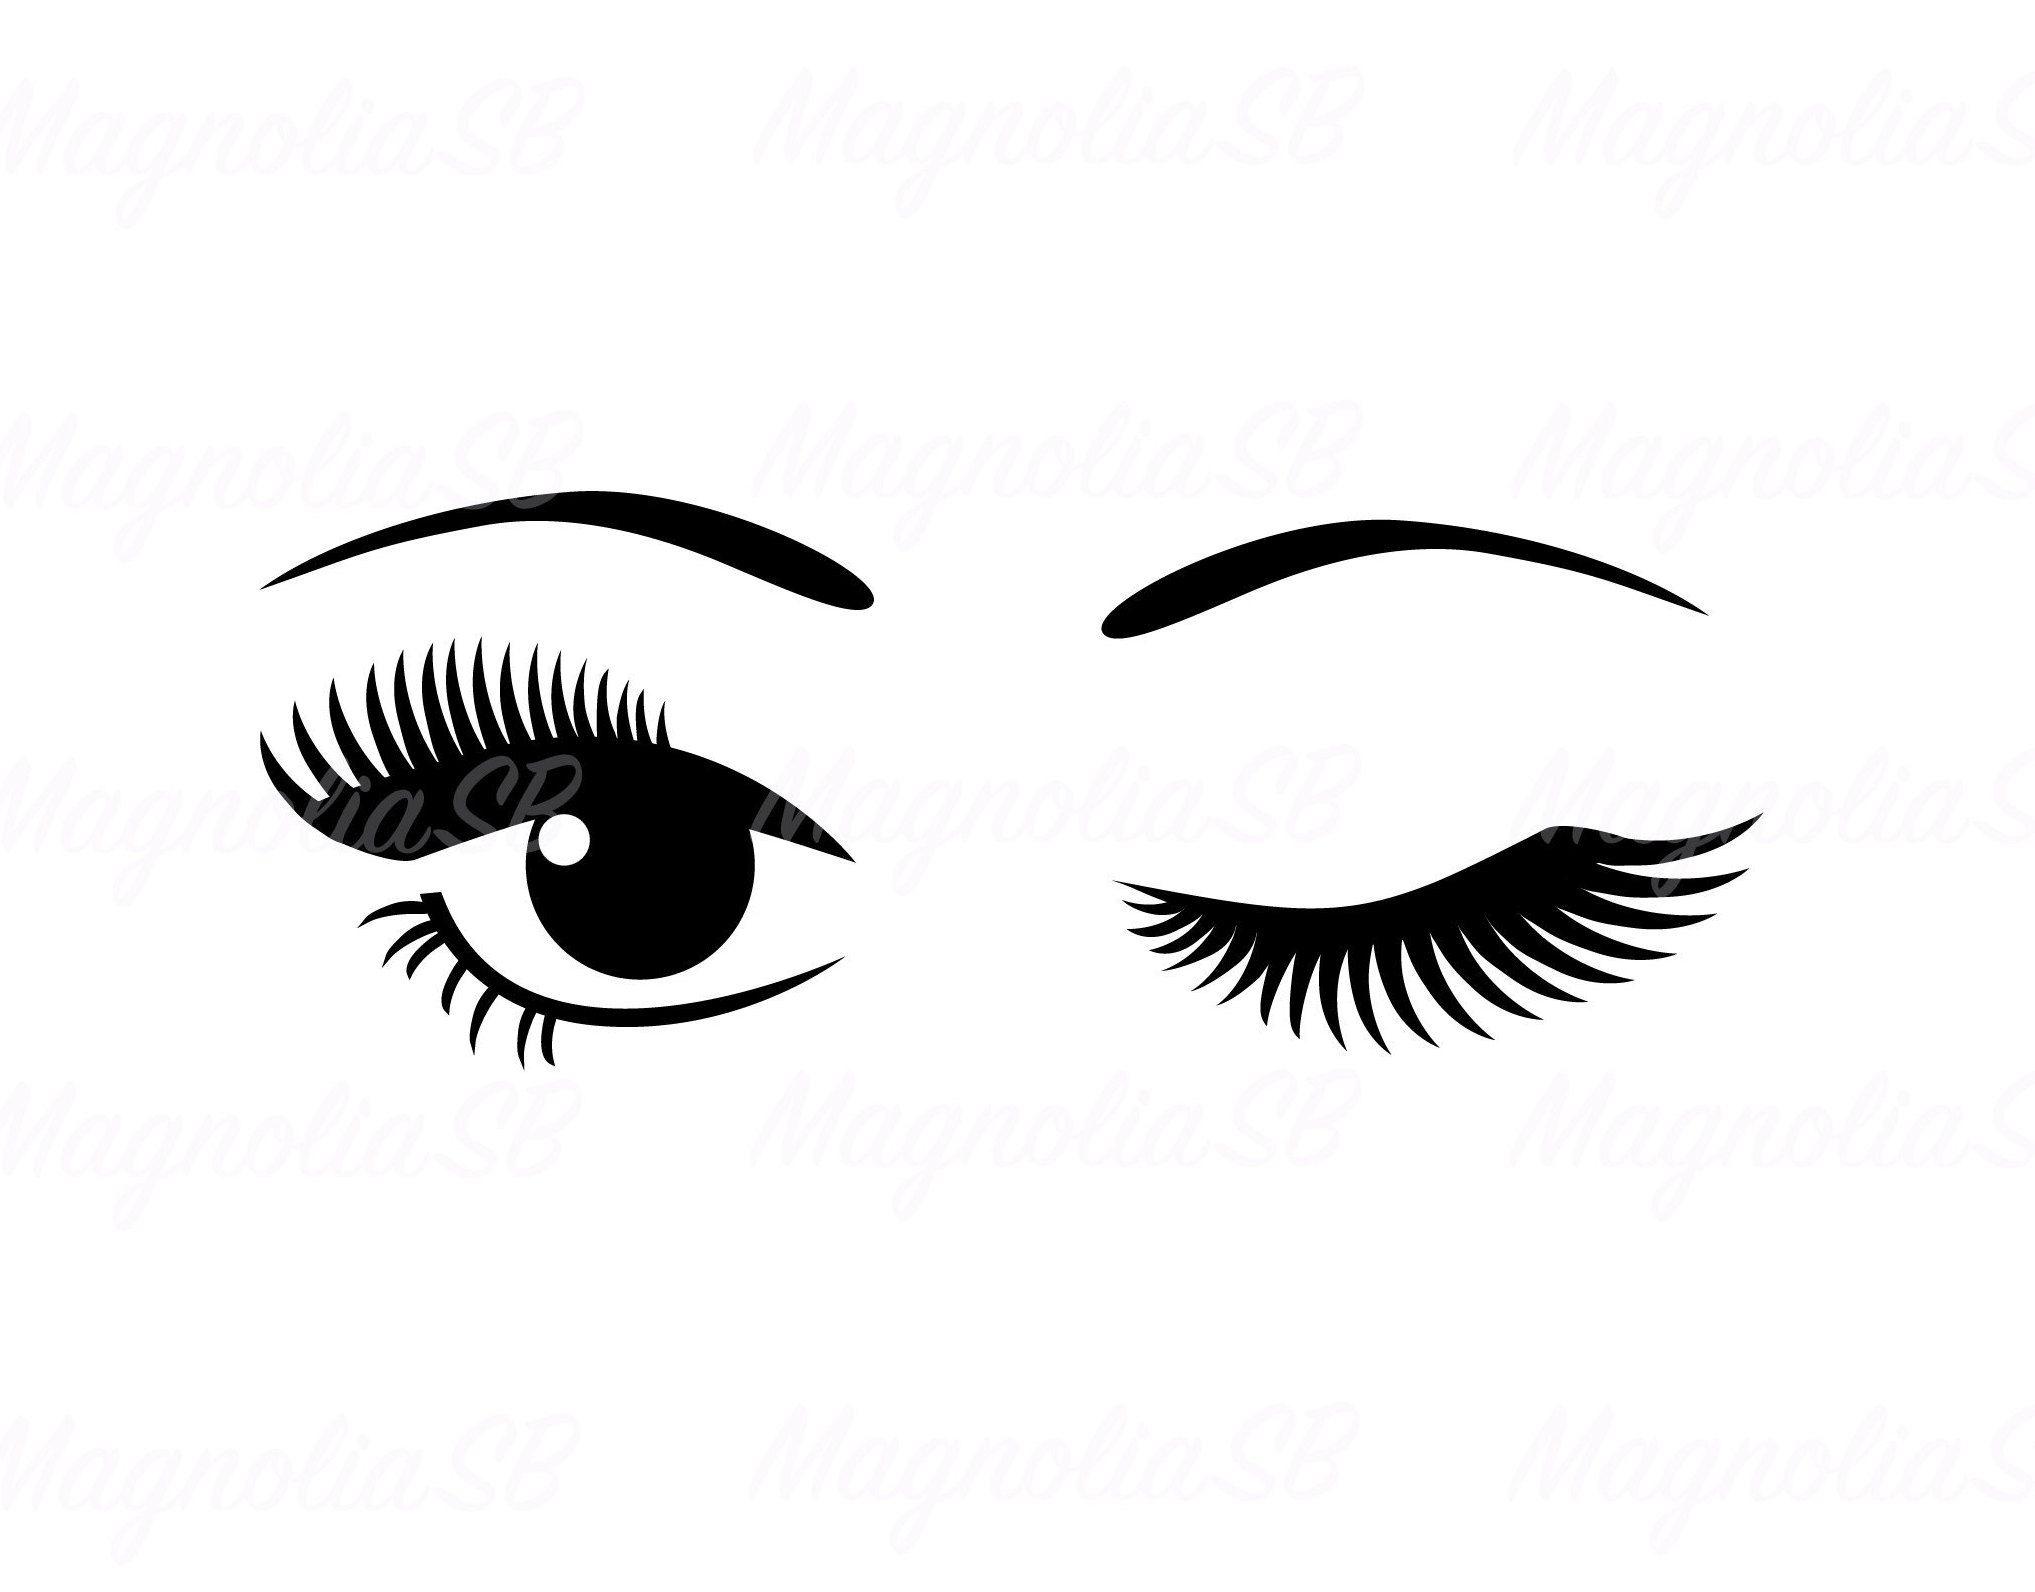 Winking Eye Svg Dxf Winking Eyes Clipart Eye Png Eye Etsy In 2021 Eyes Clipart Winking Eye Clip Art